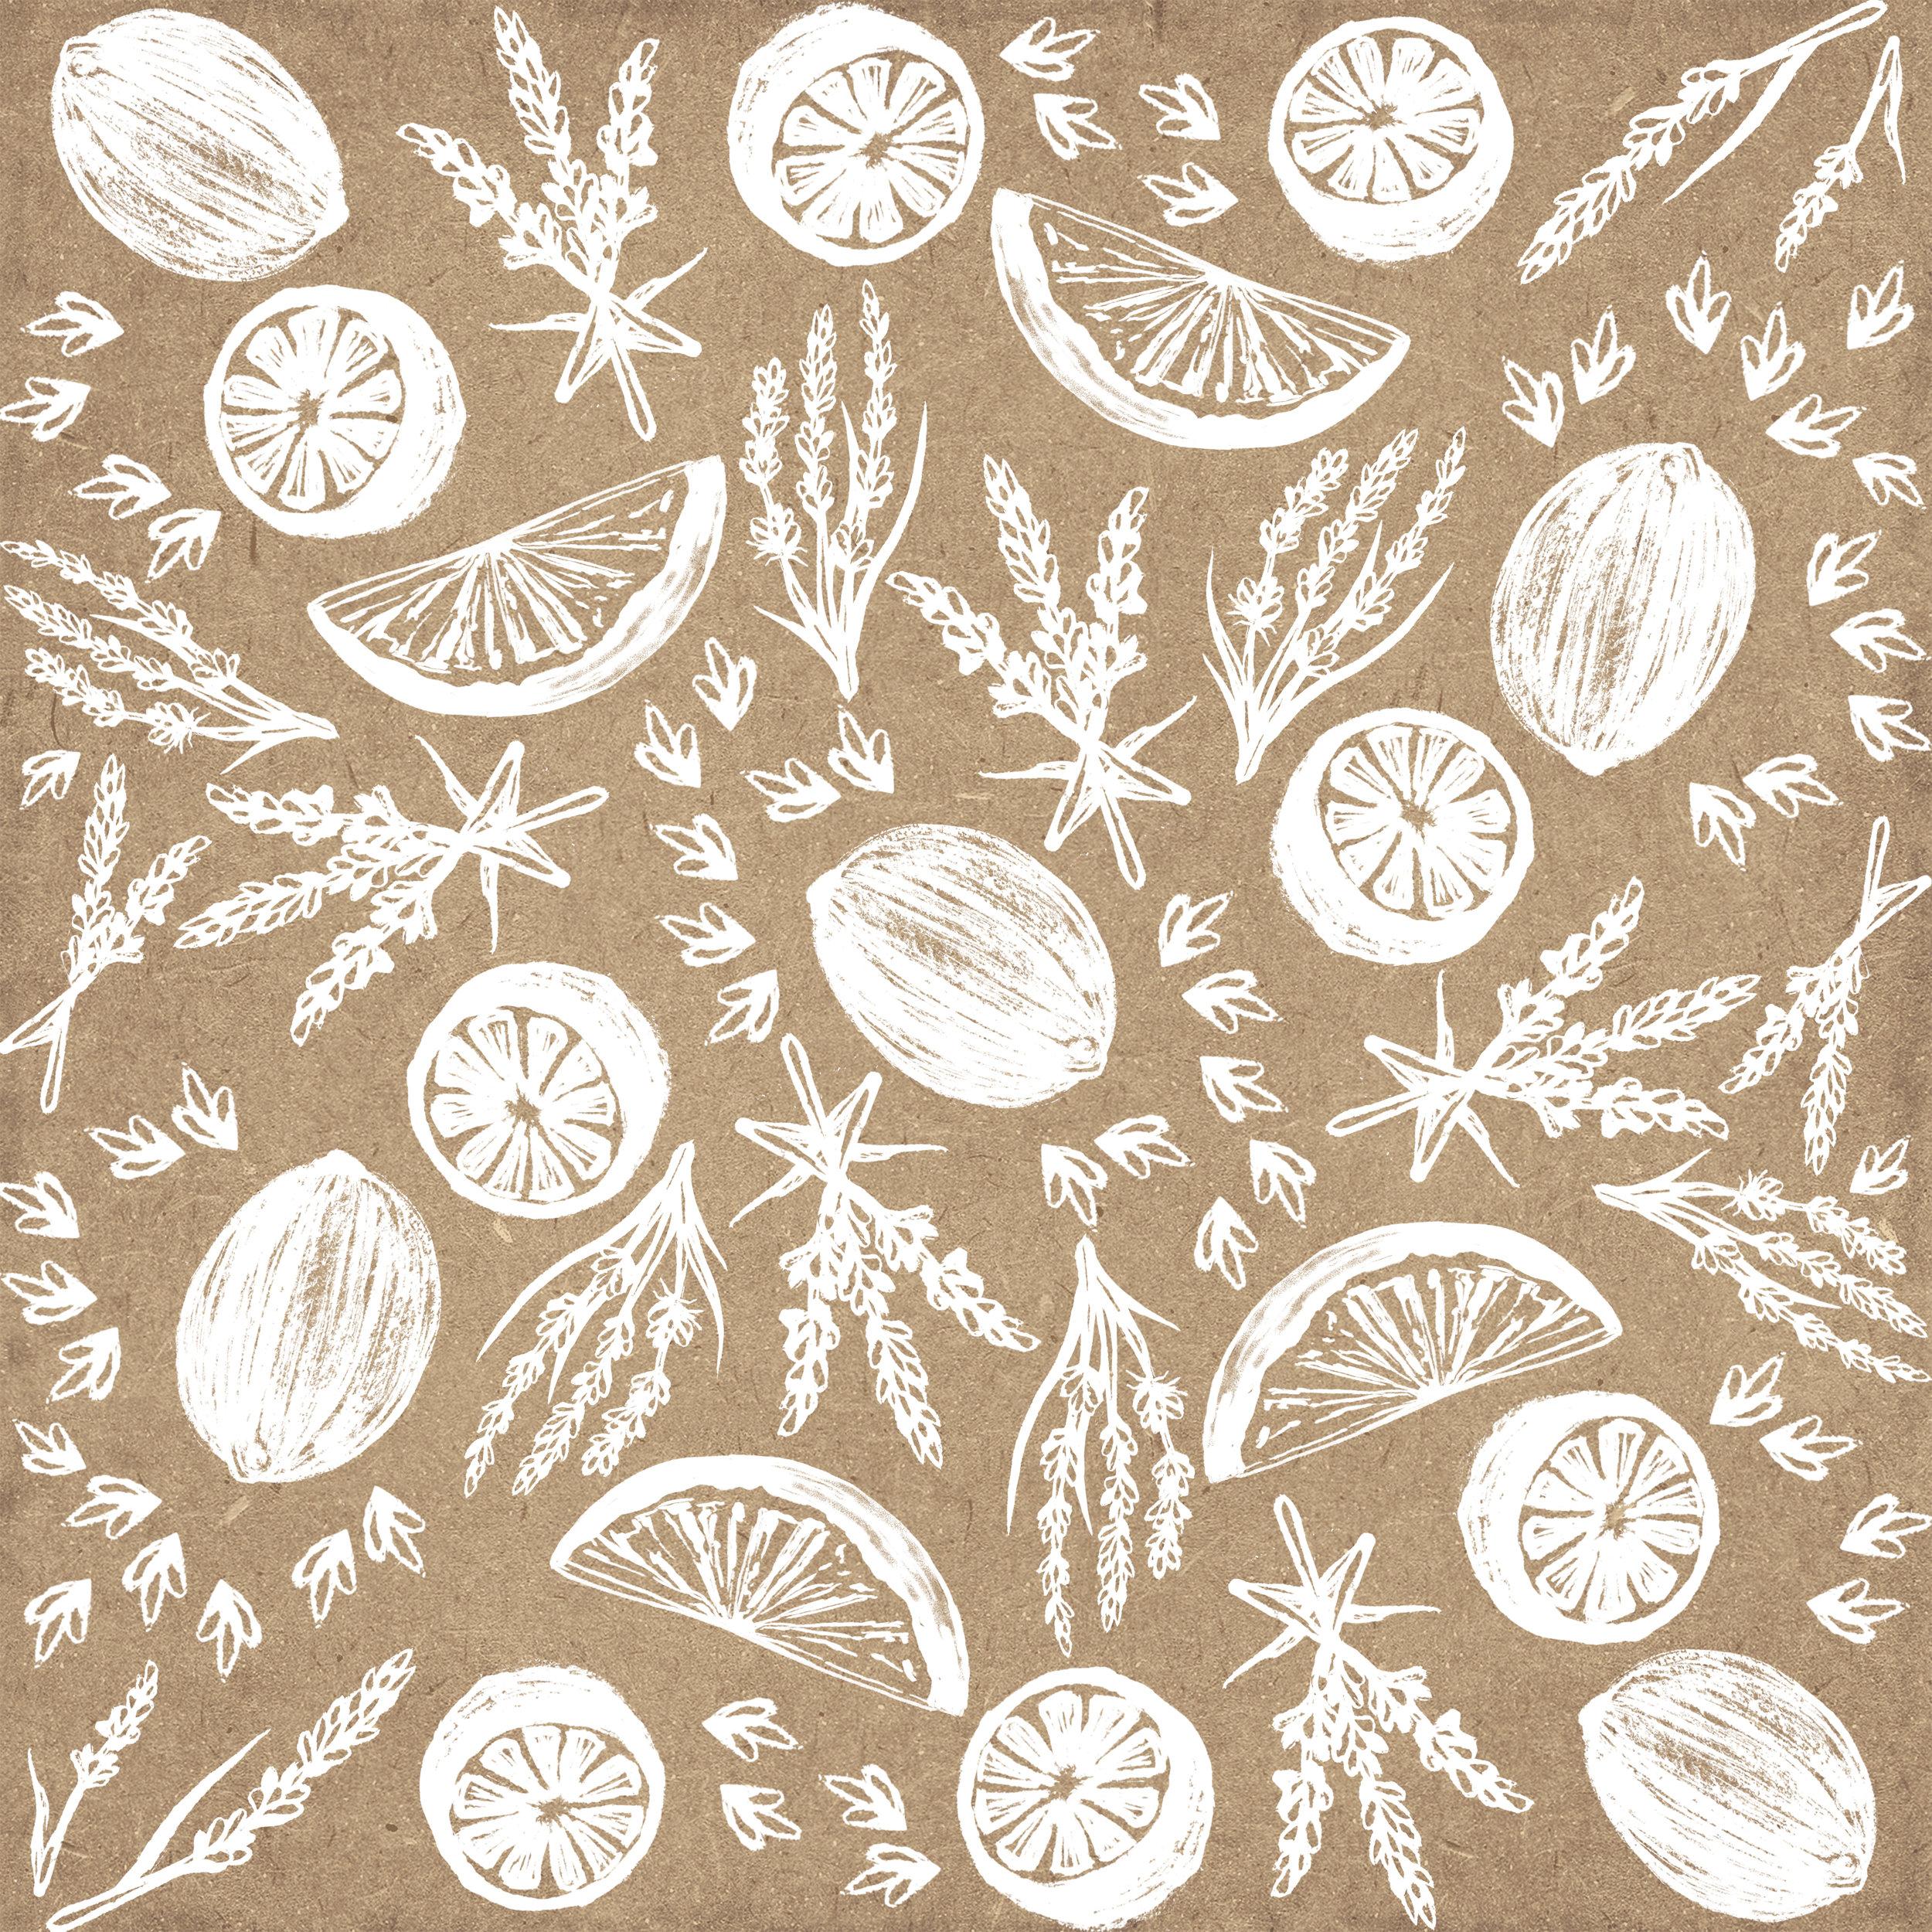 Younce-Elizabeth-15Win-ILLU400-Warner-A2-Lime&Lavender_Pattern.jpg